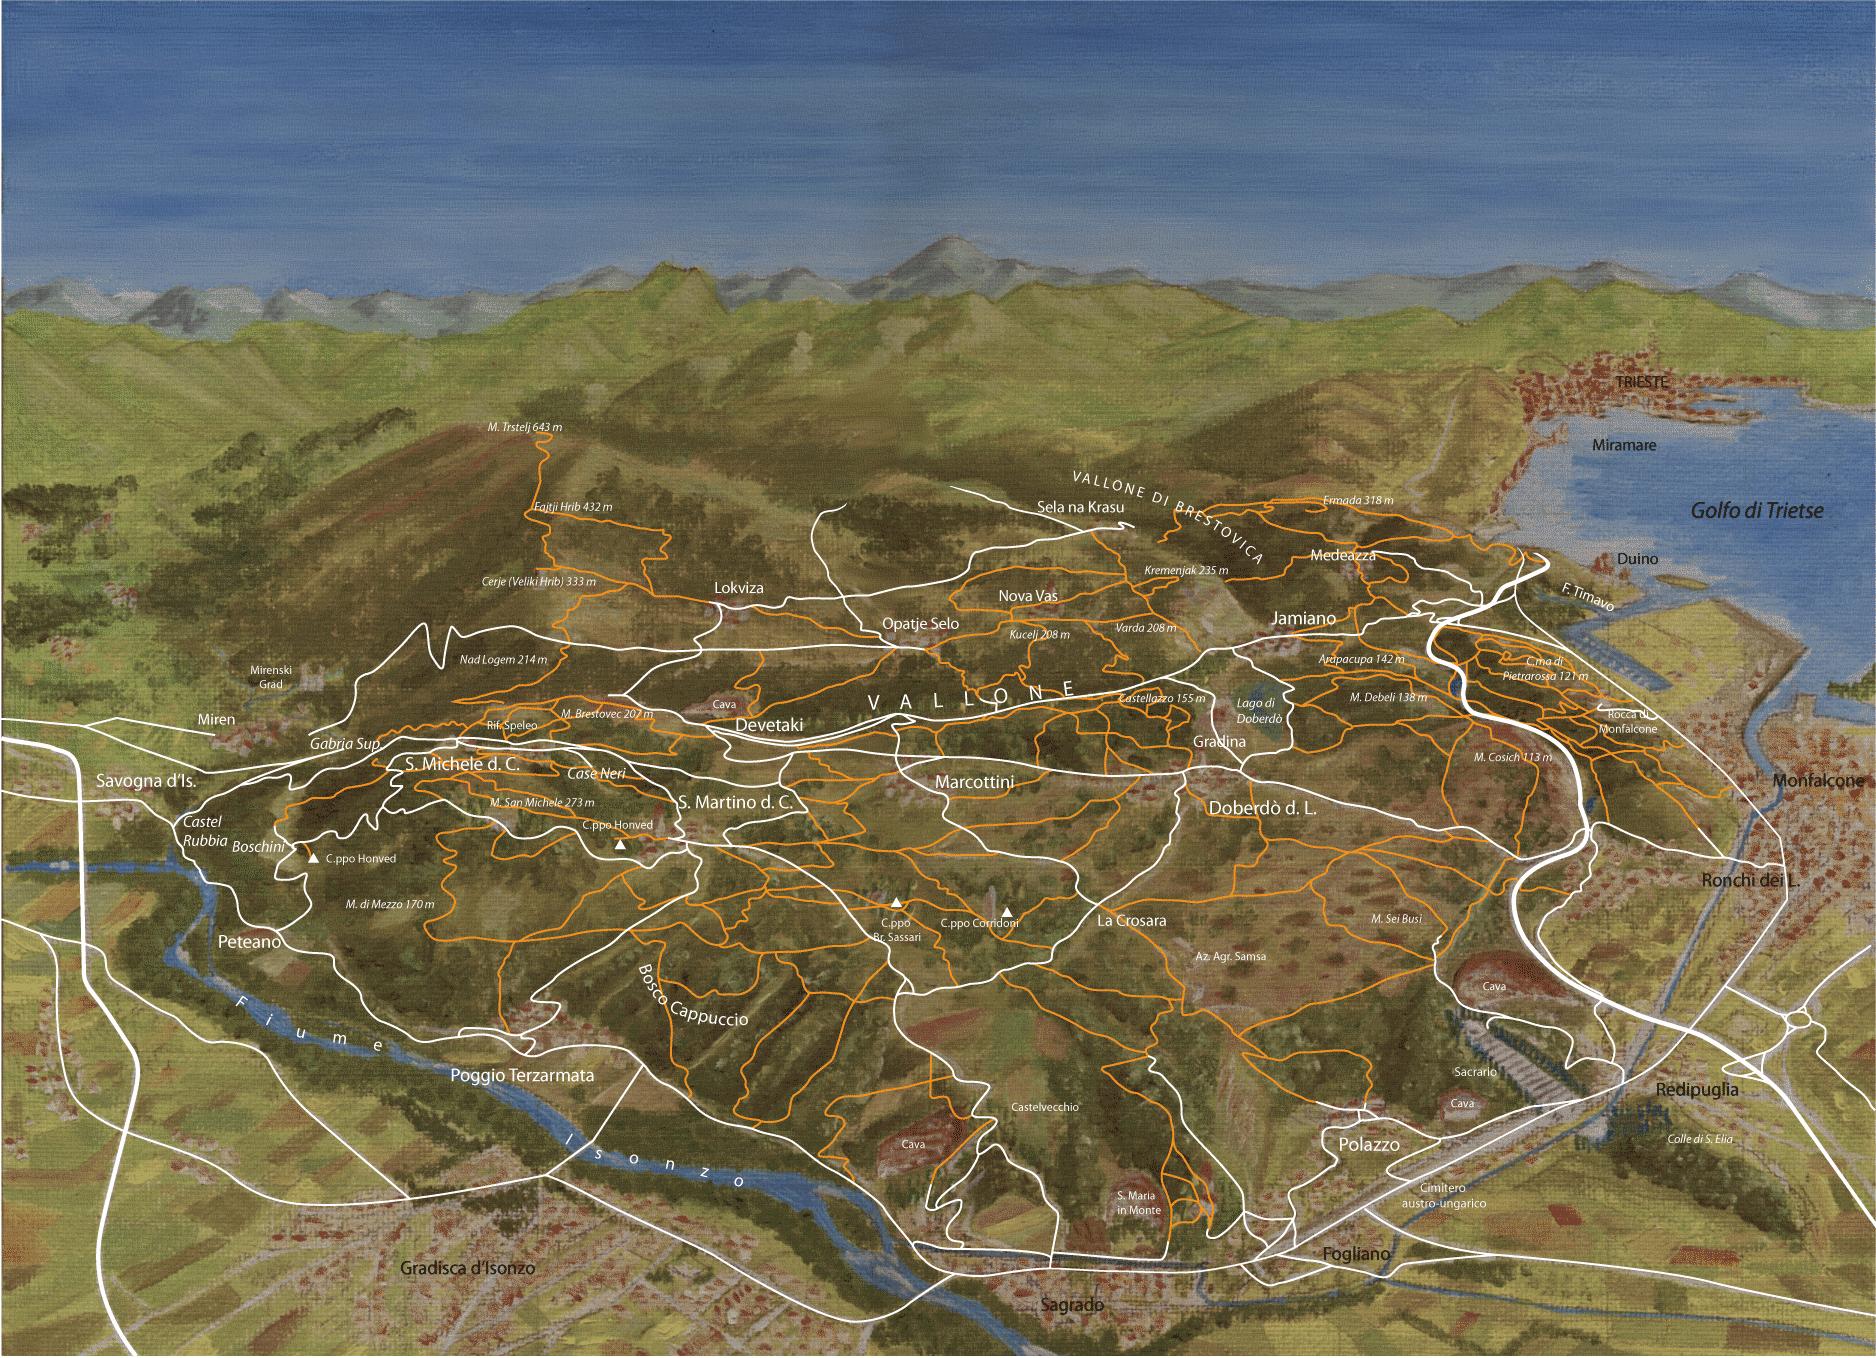 Mappa zona carsica